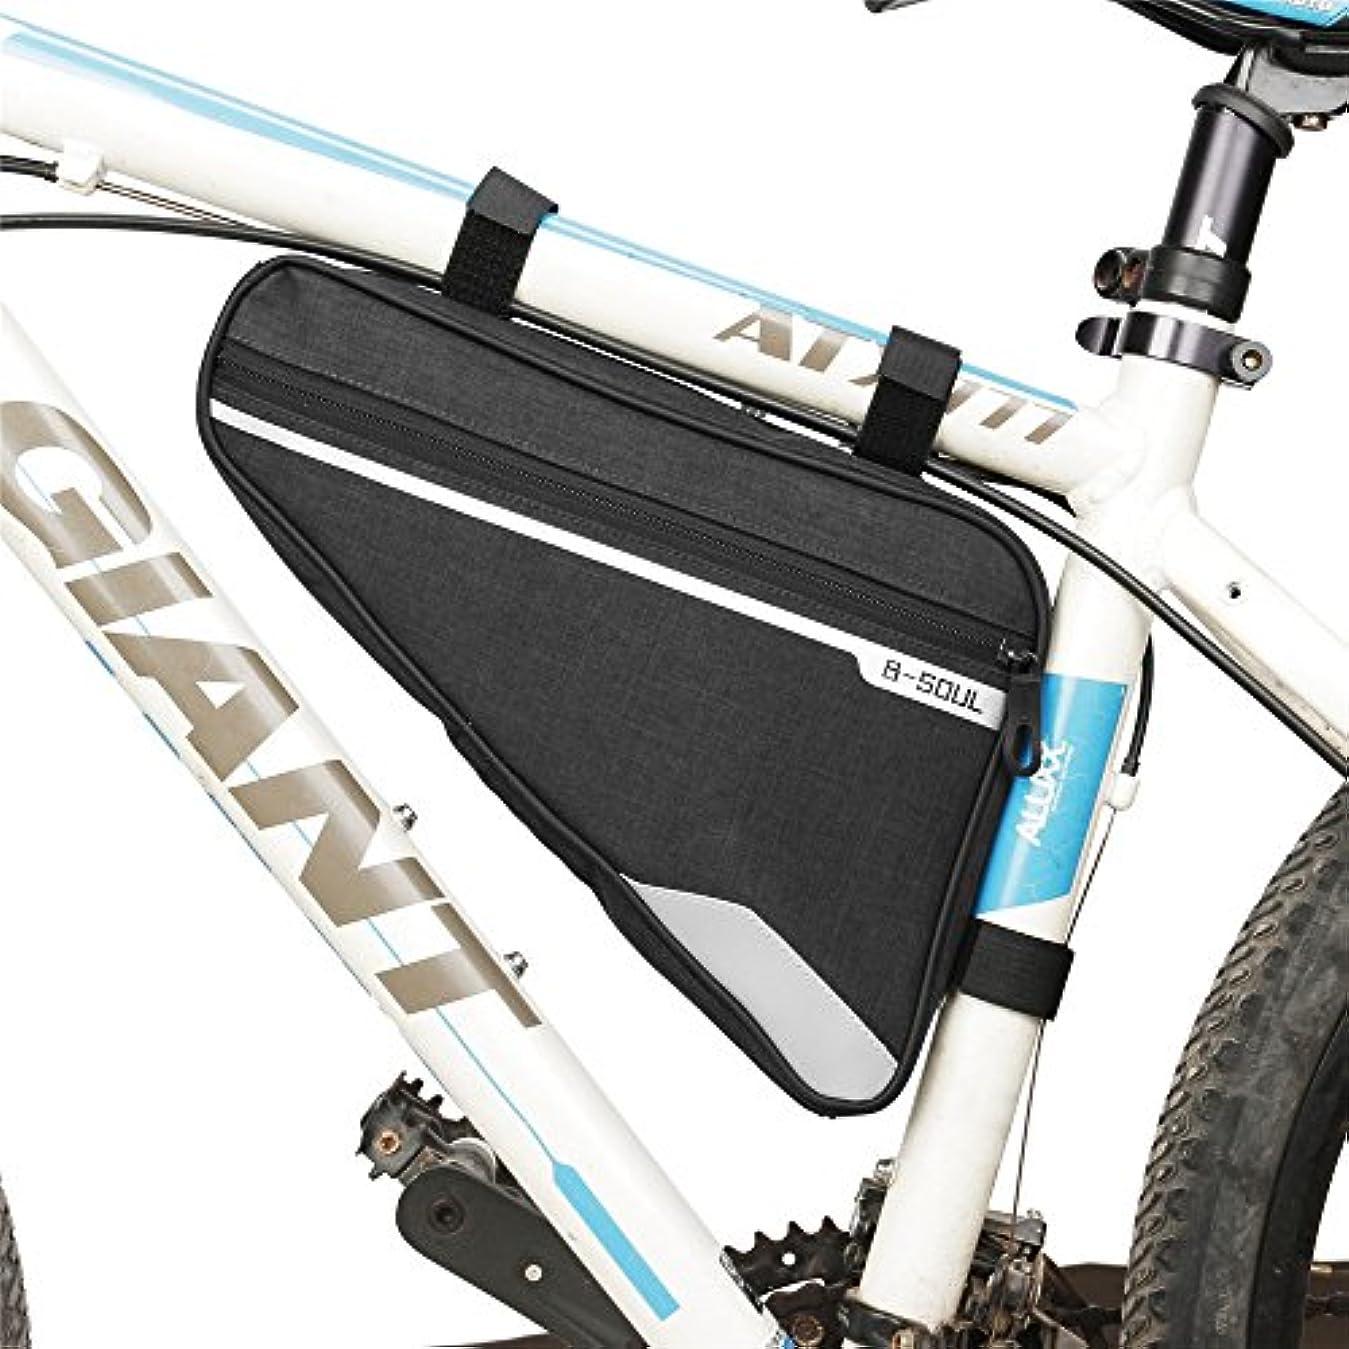 プレビスサイト帽子経験者自転車の座席パック袋、屋外の自転車の付属品の自転車の前部管の三角形袋 サイクリングバッグ防水 (色 : ブラック)